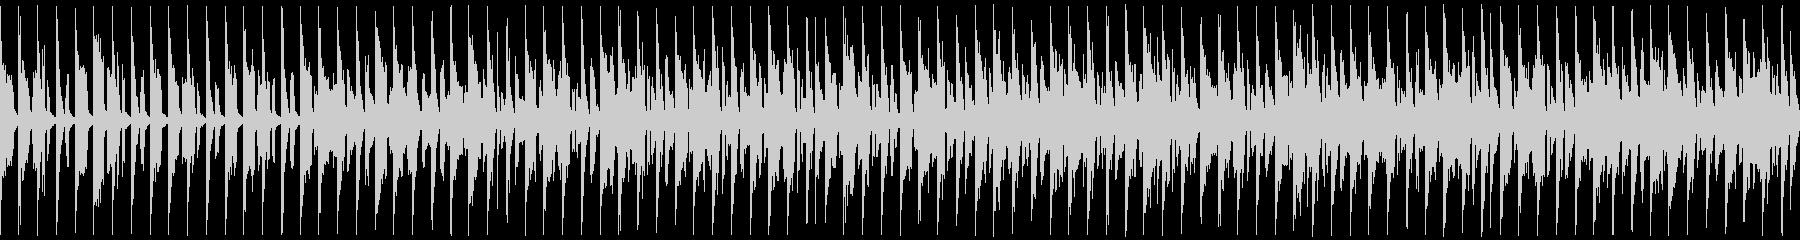 【ループ用】トランス風シンセサウンドの未再生の波形